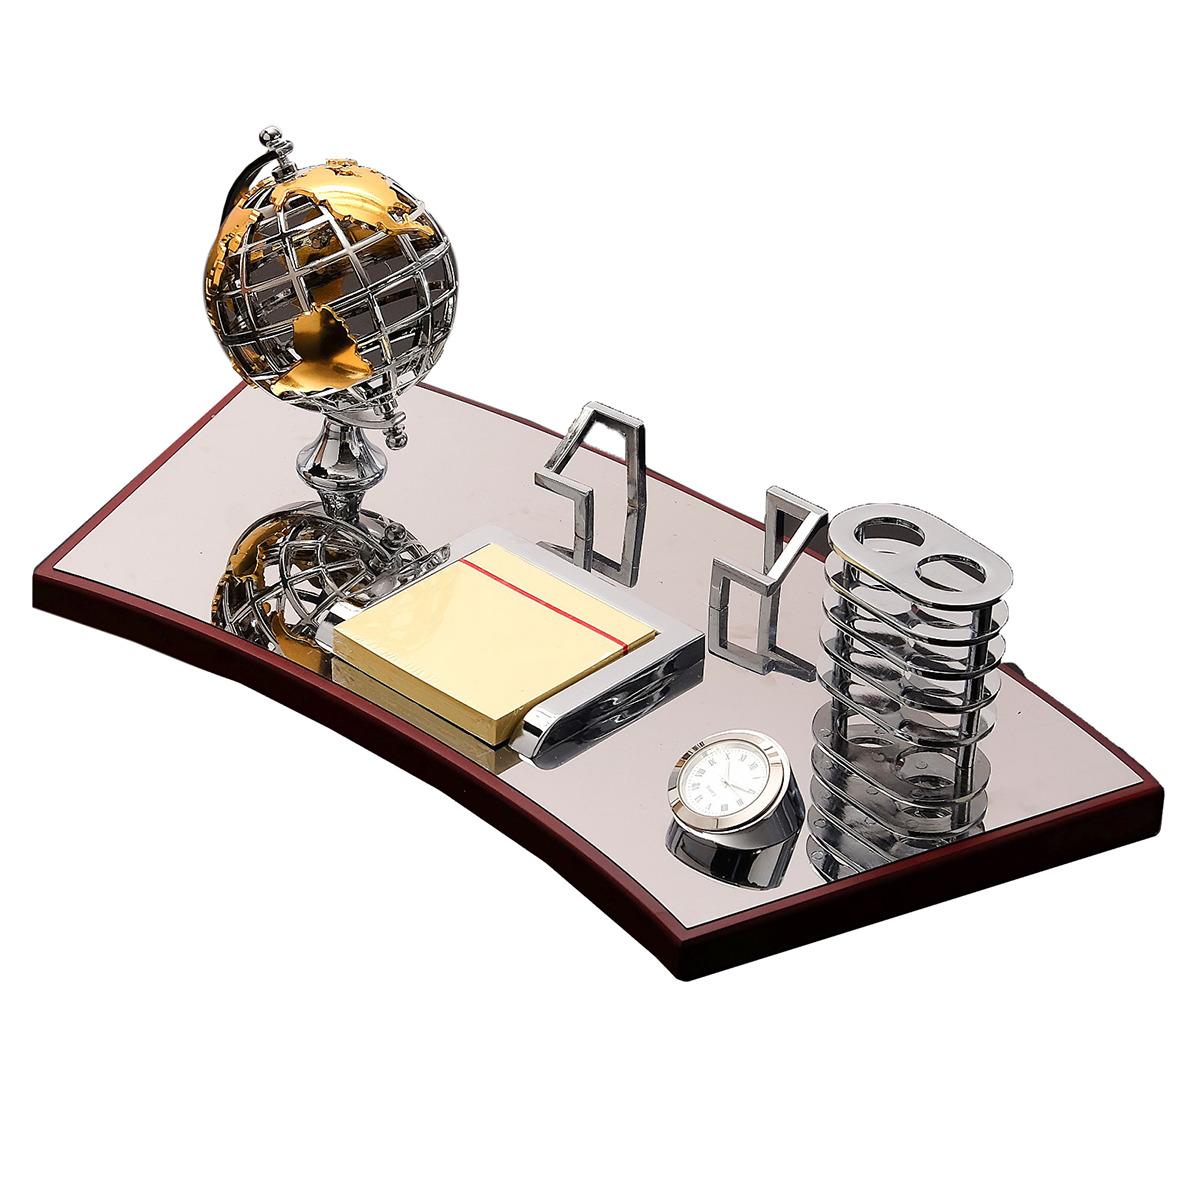 Канцелярский набор Глобус 5 в 1, 3598550, коричневый, 19 х 40 см